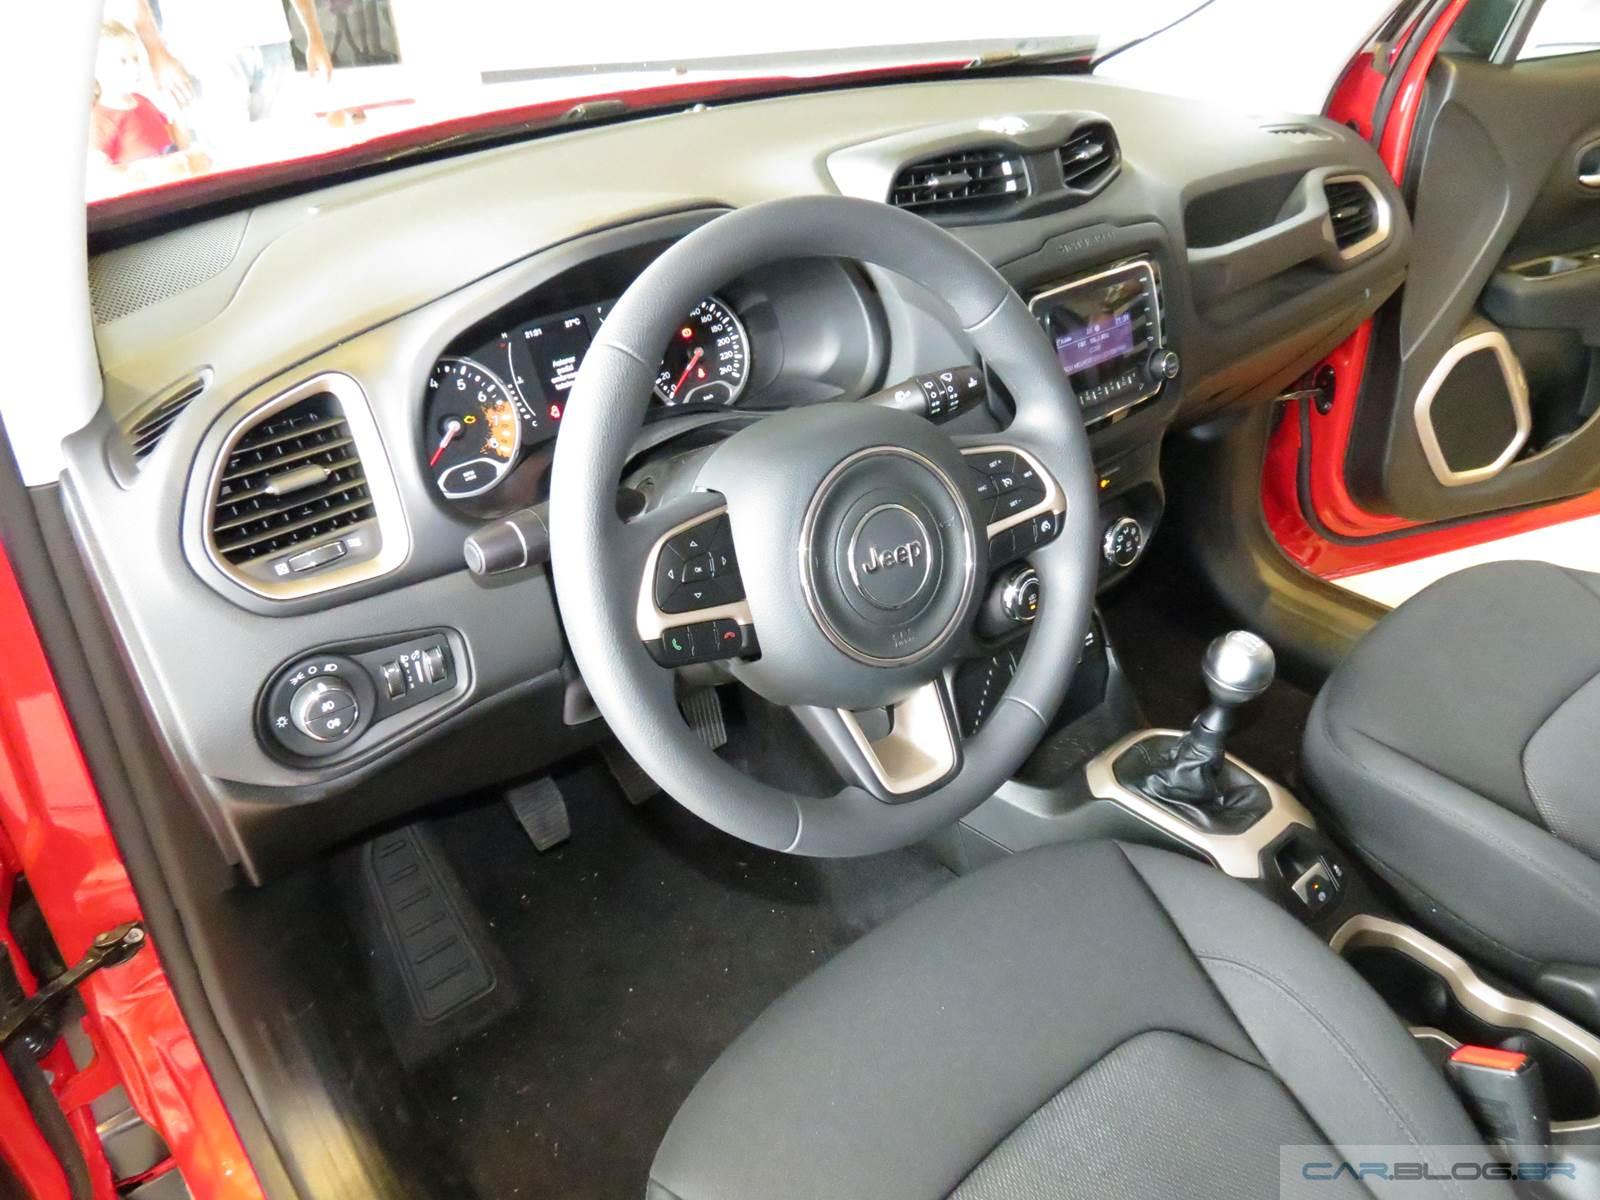 Jeep renegade flex fotos e v deo do modelo de r 69 9 mil for Interior jeep renegade